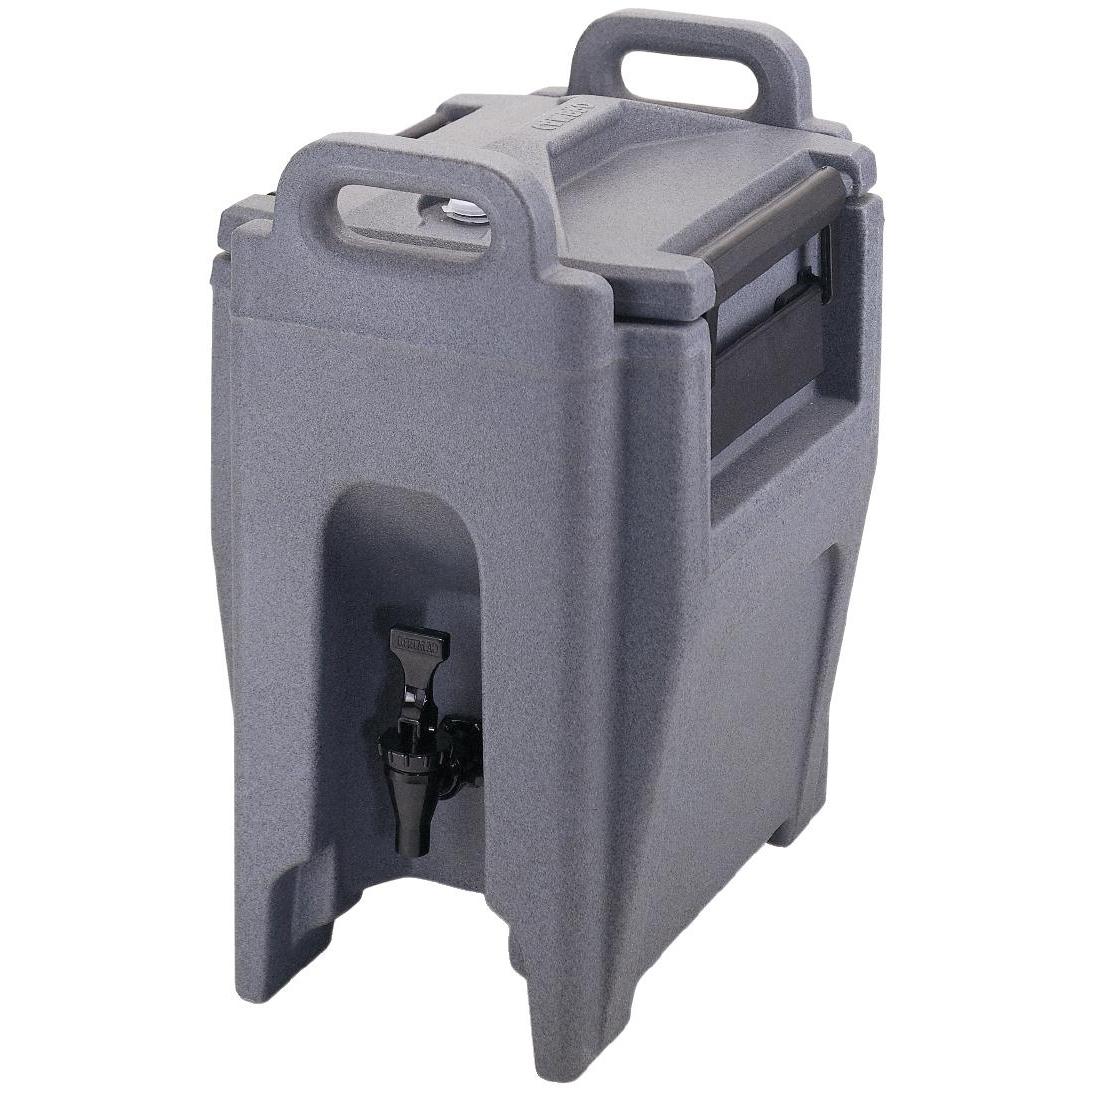 Distributeur de boissons Cambro 9.5L